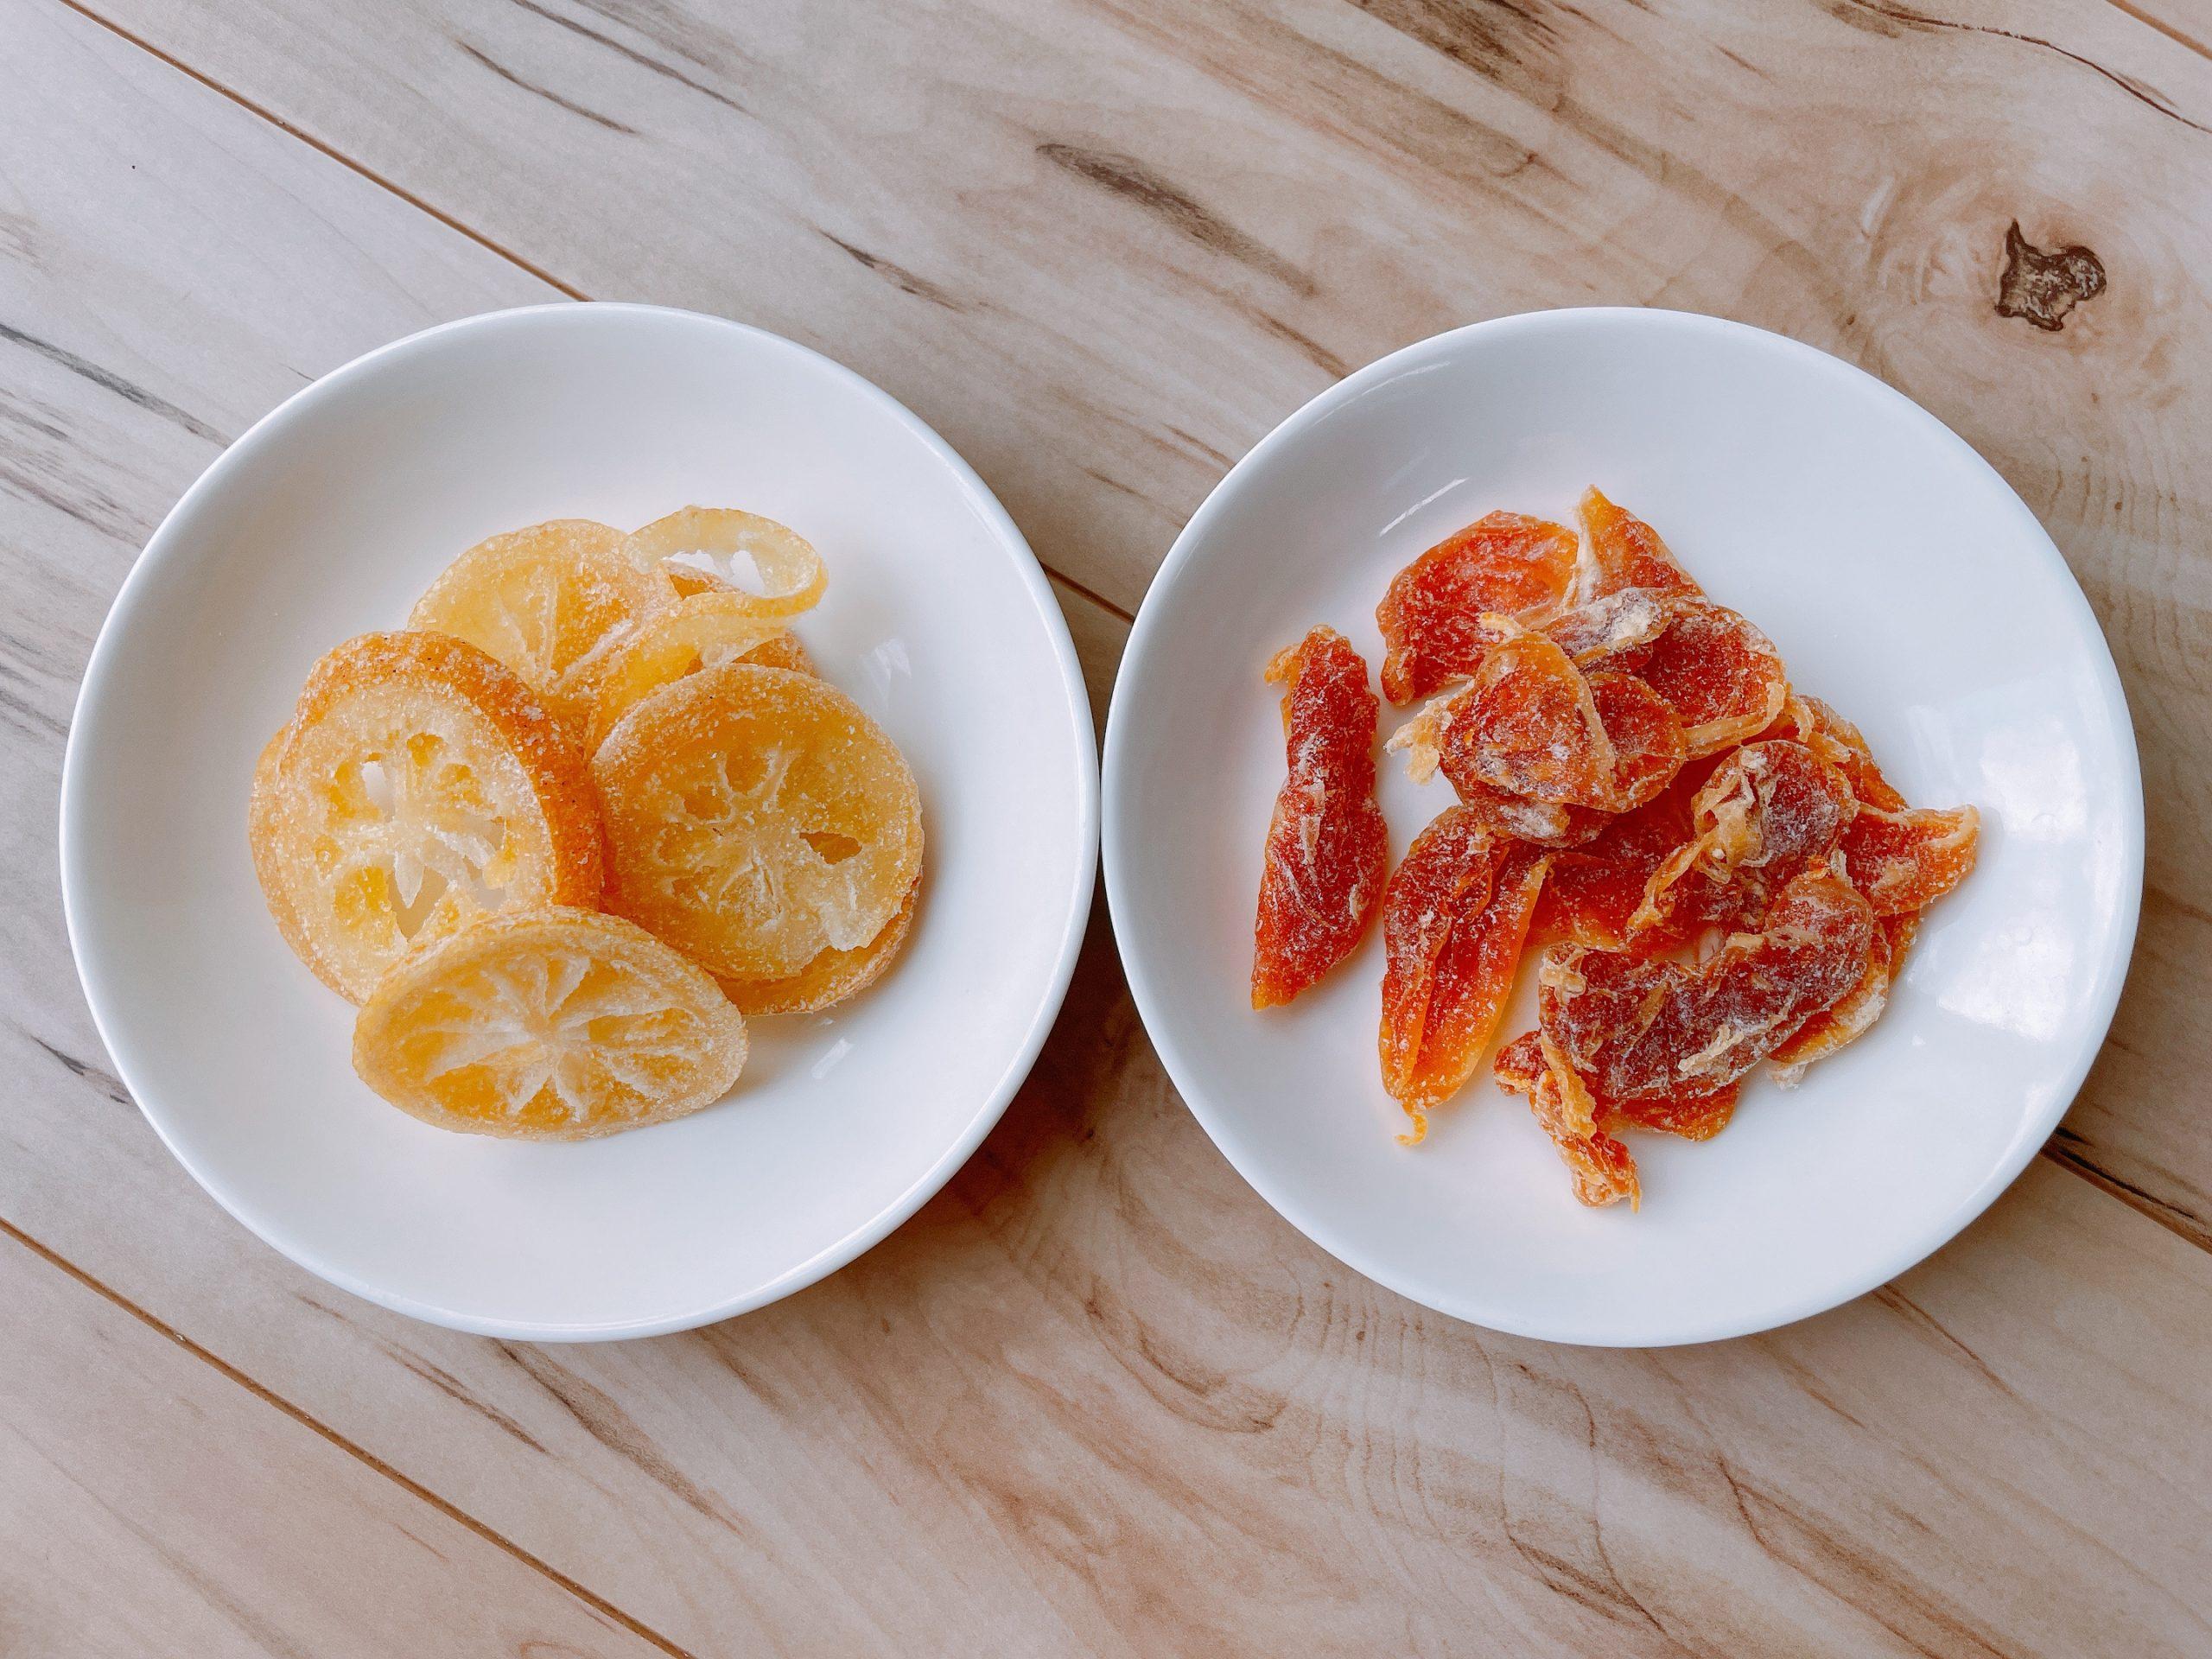 南信州菓子工房の輪切りレモンと完熟みかんの組み合わせがおすすめ